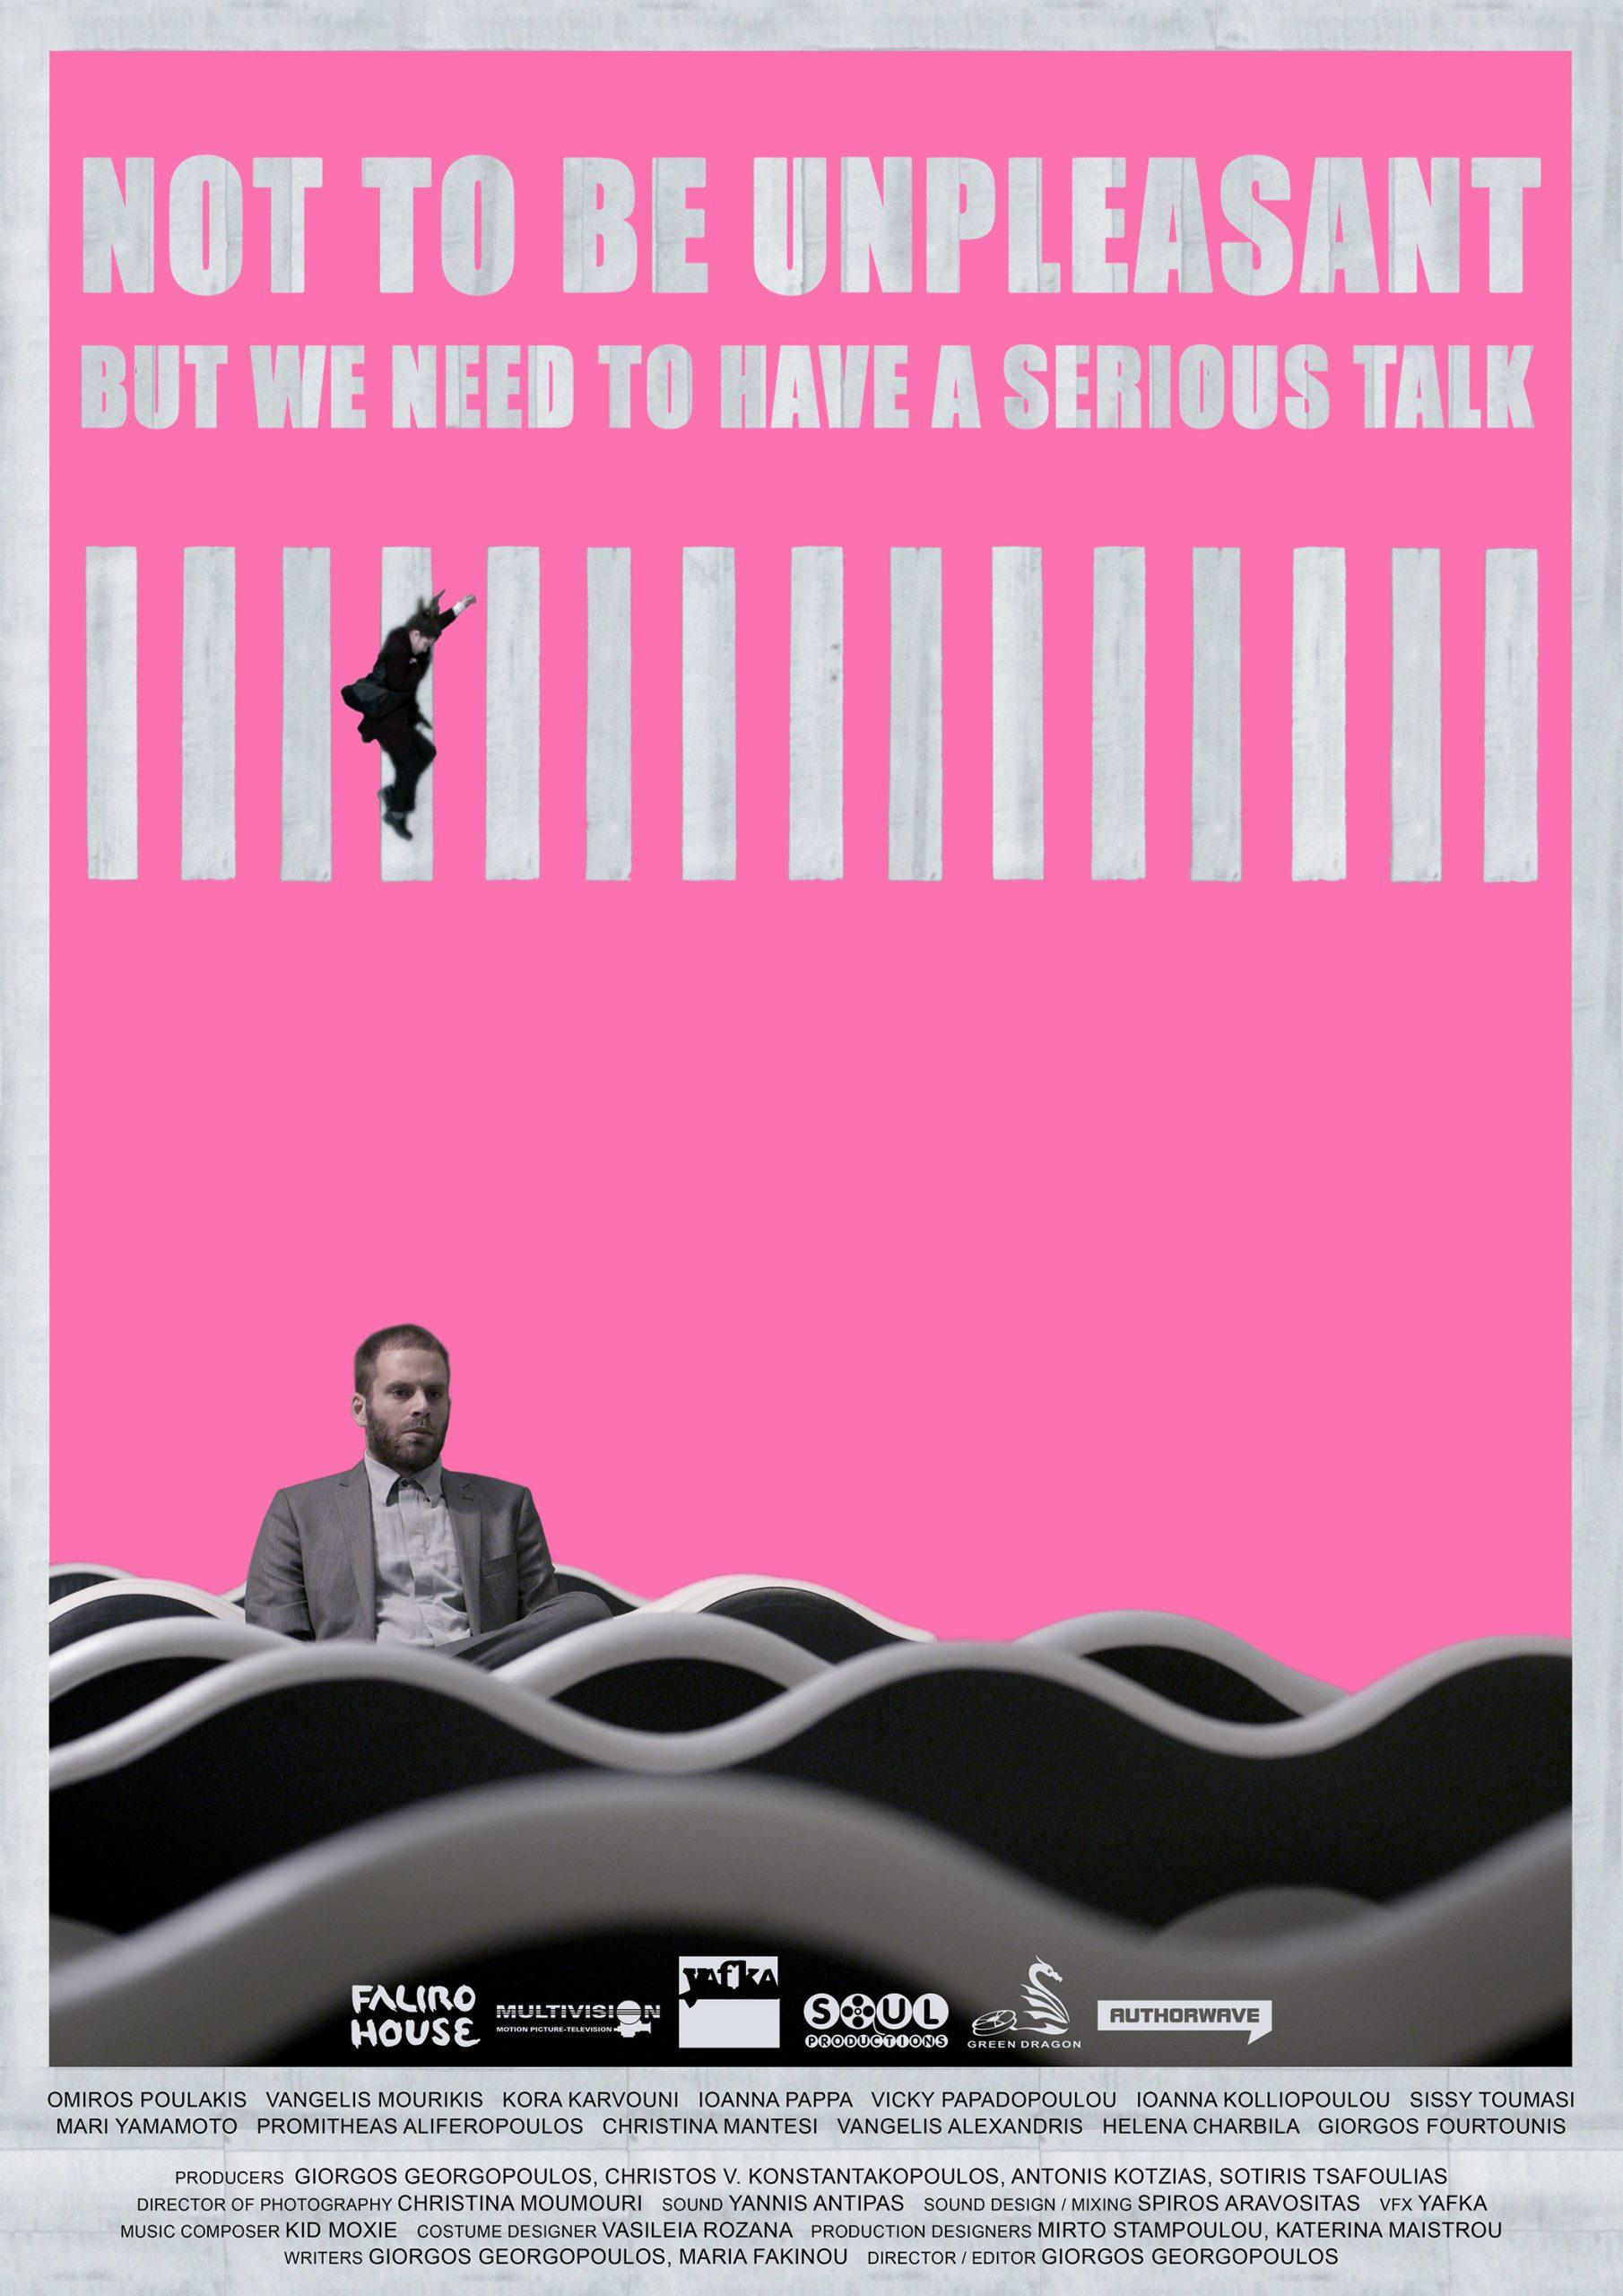 Πόστερ της ταινίας «Δε θέλω να γίνω δυσάρεστος, αλλά πρέπει να µιλήσουµε για κάτι πολύ σοβαρό (2019)»